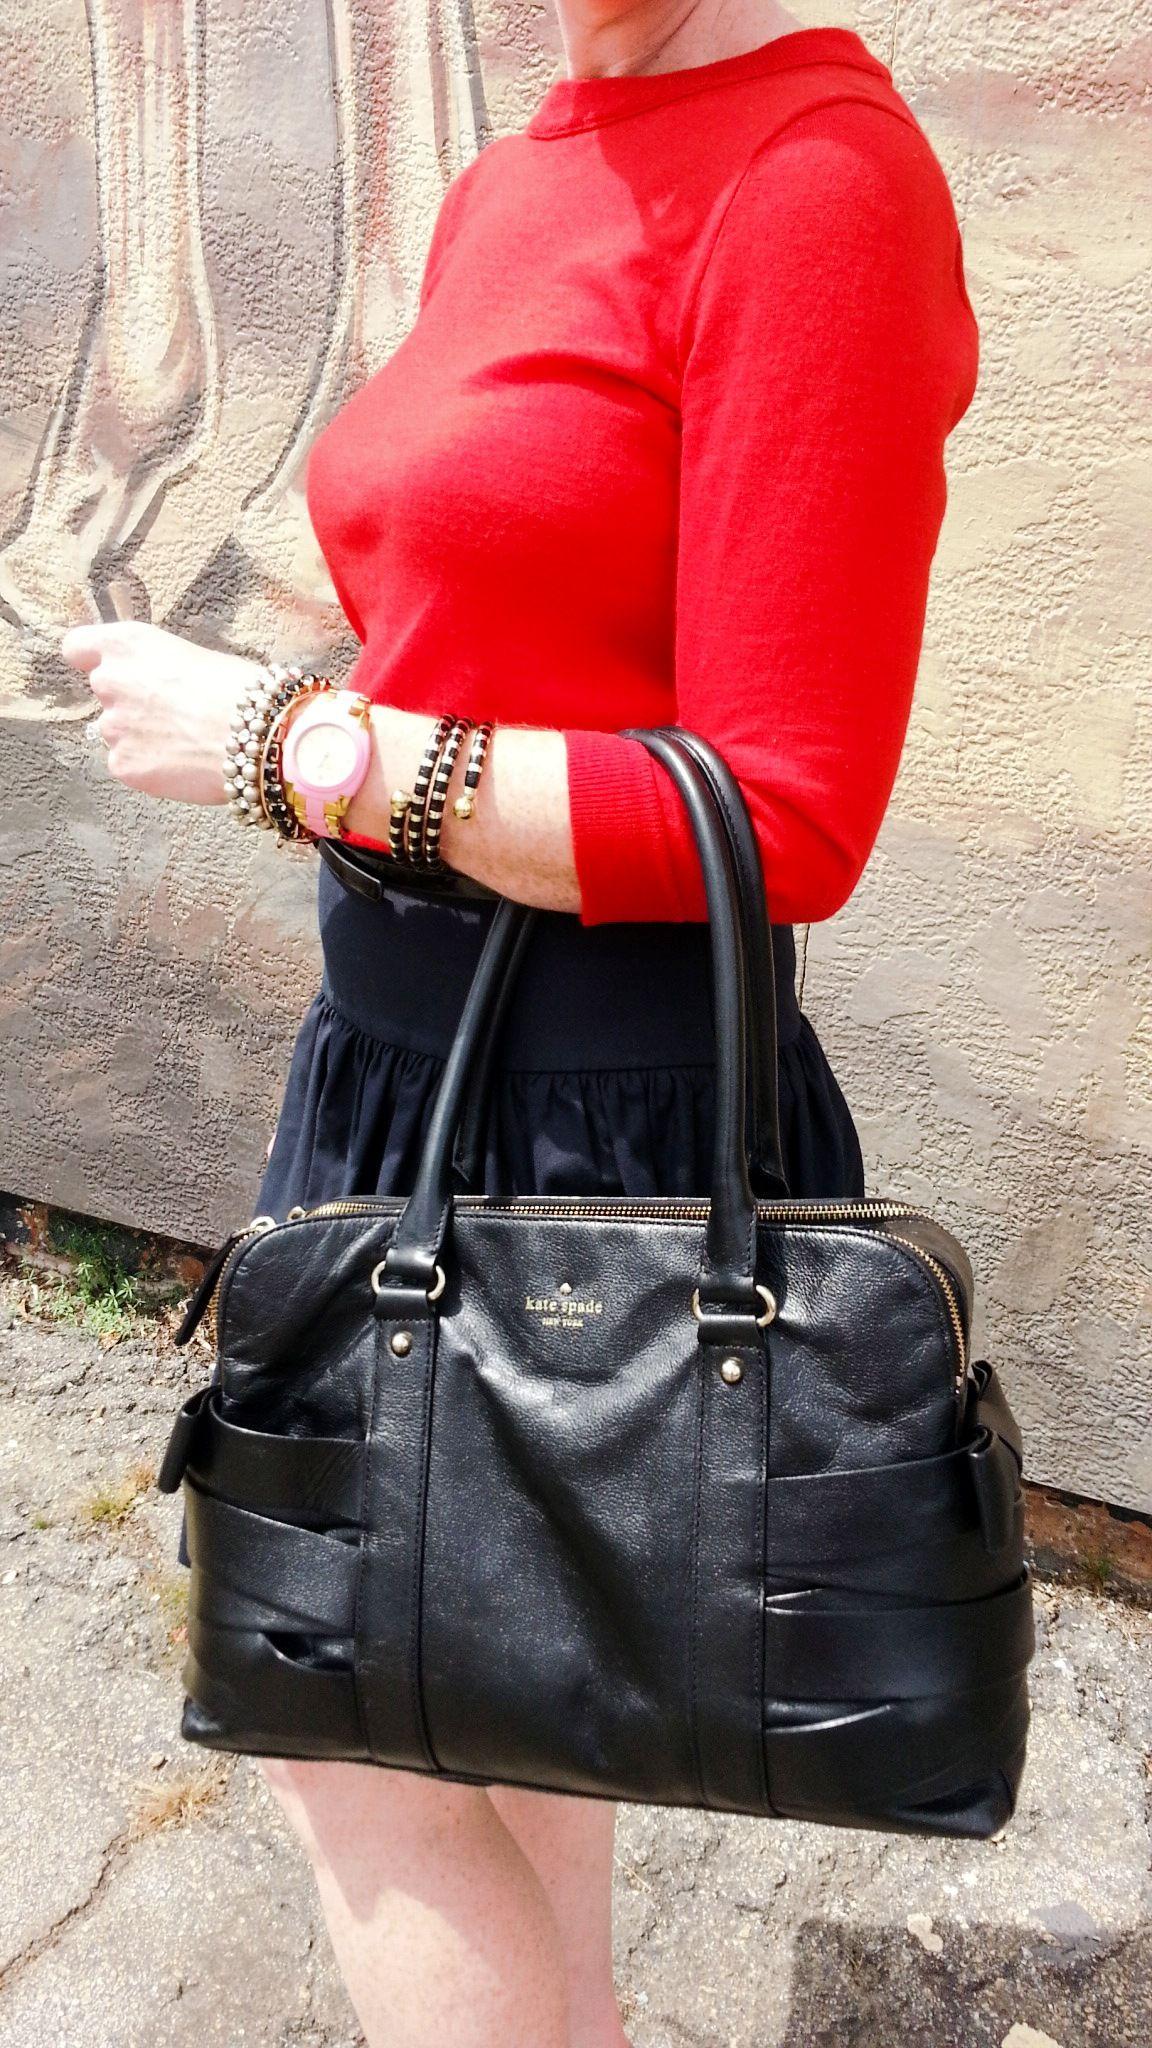 #Cortneybre #FBlogger #RedJCREWSweater #Katespadeblackbag